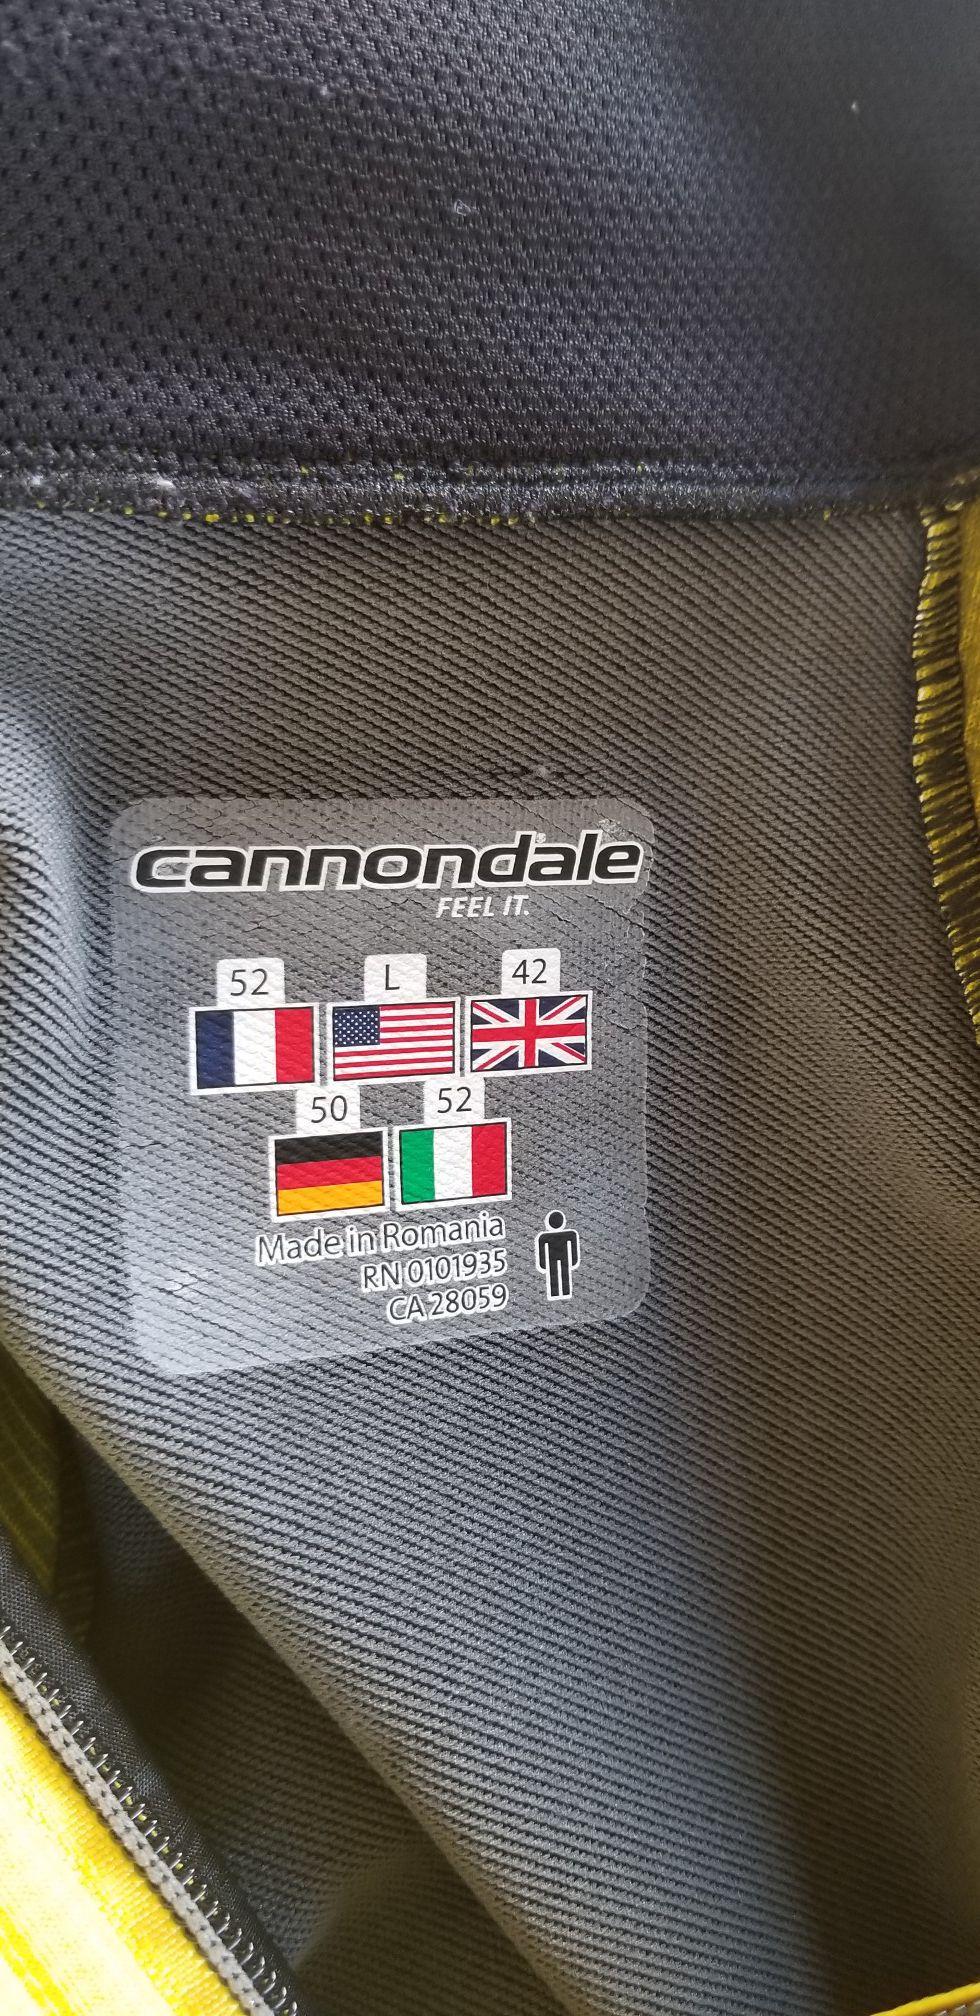 Cannondale carbon jacket size large